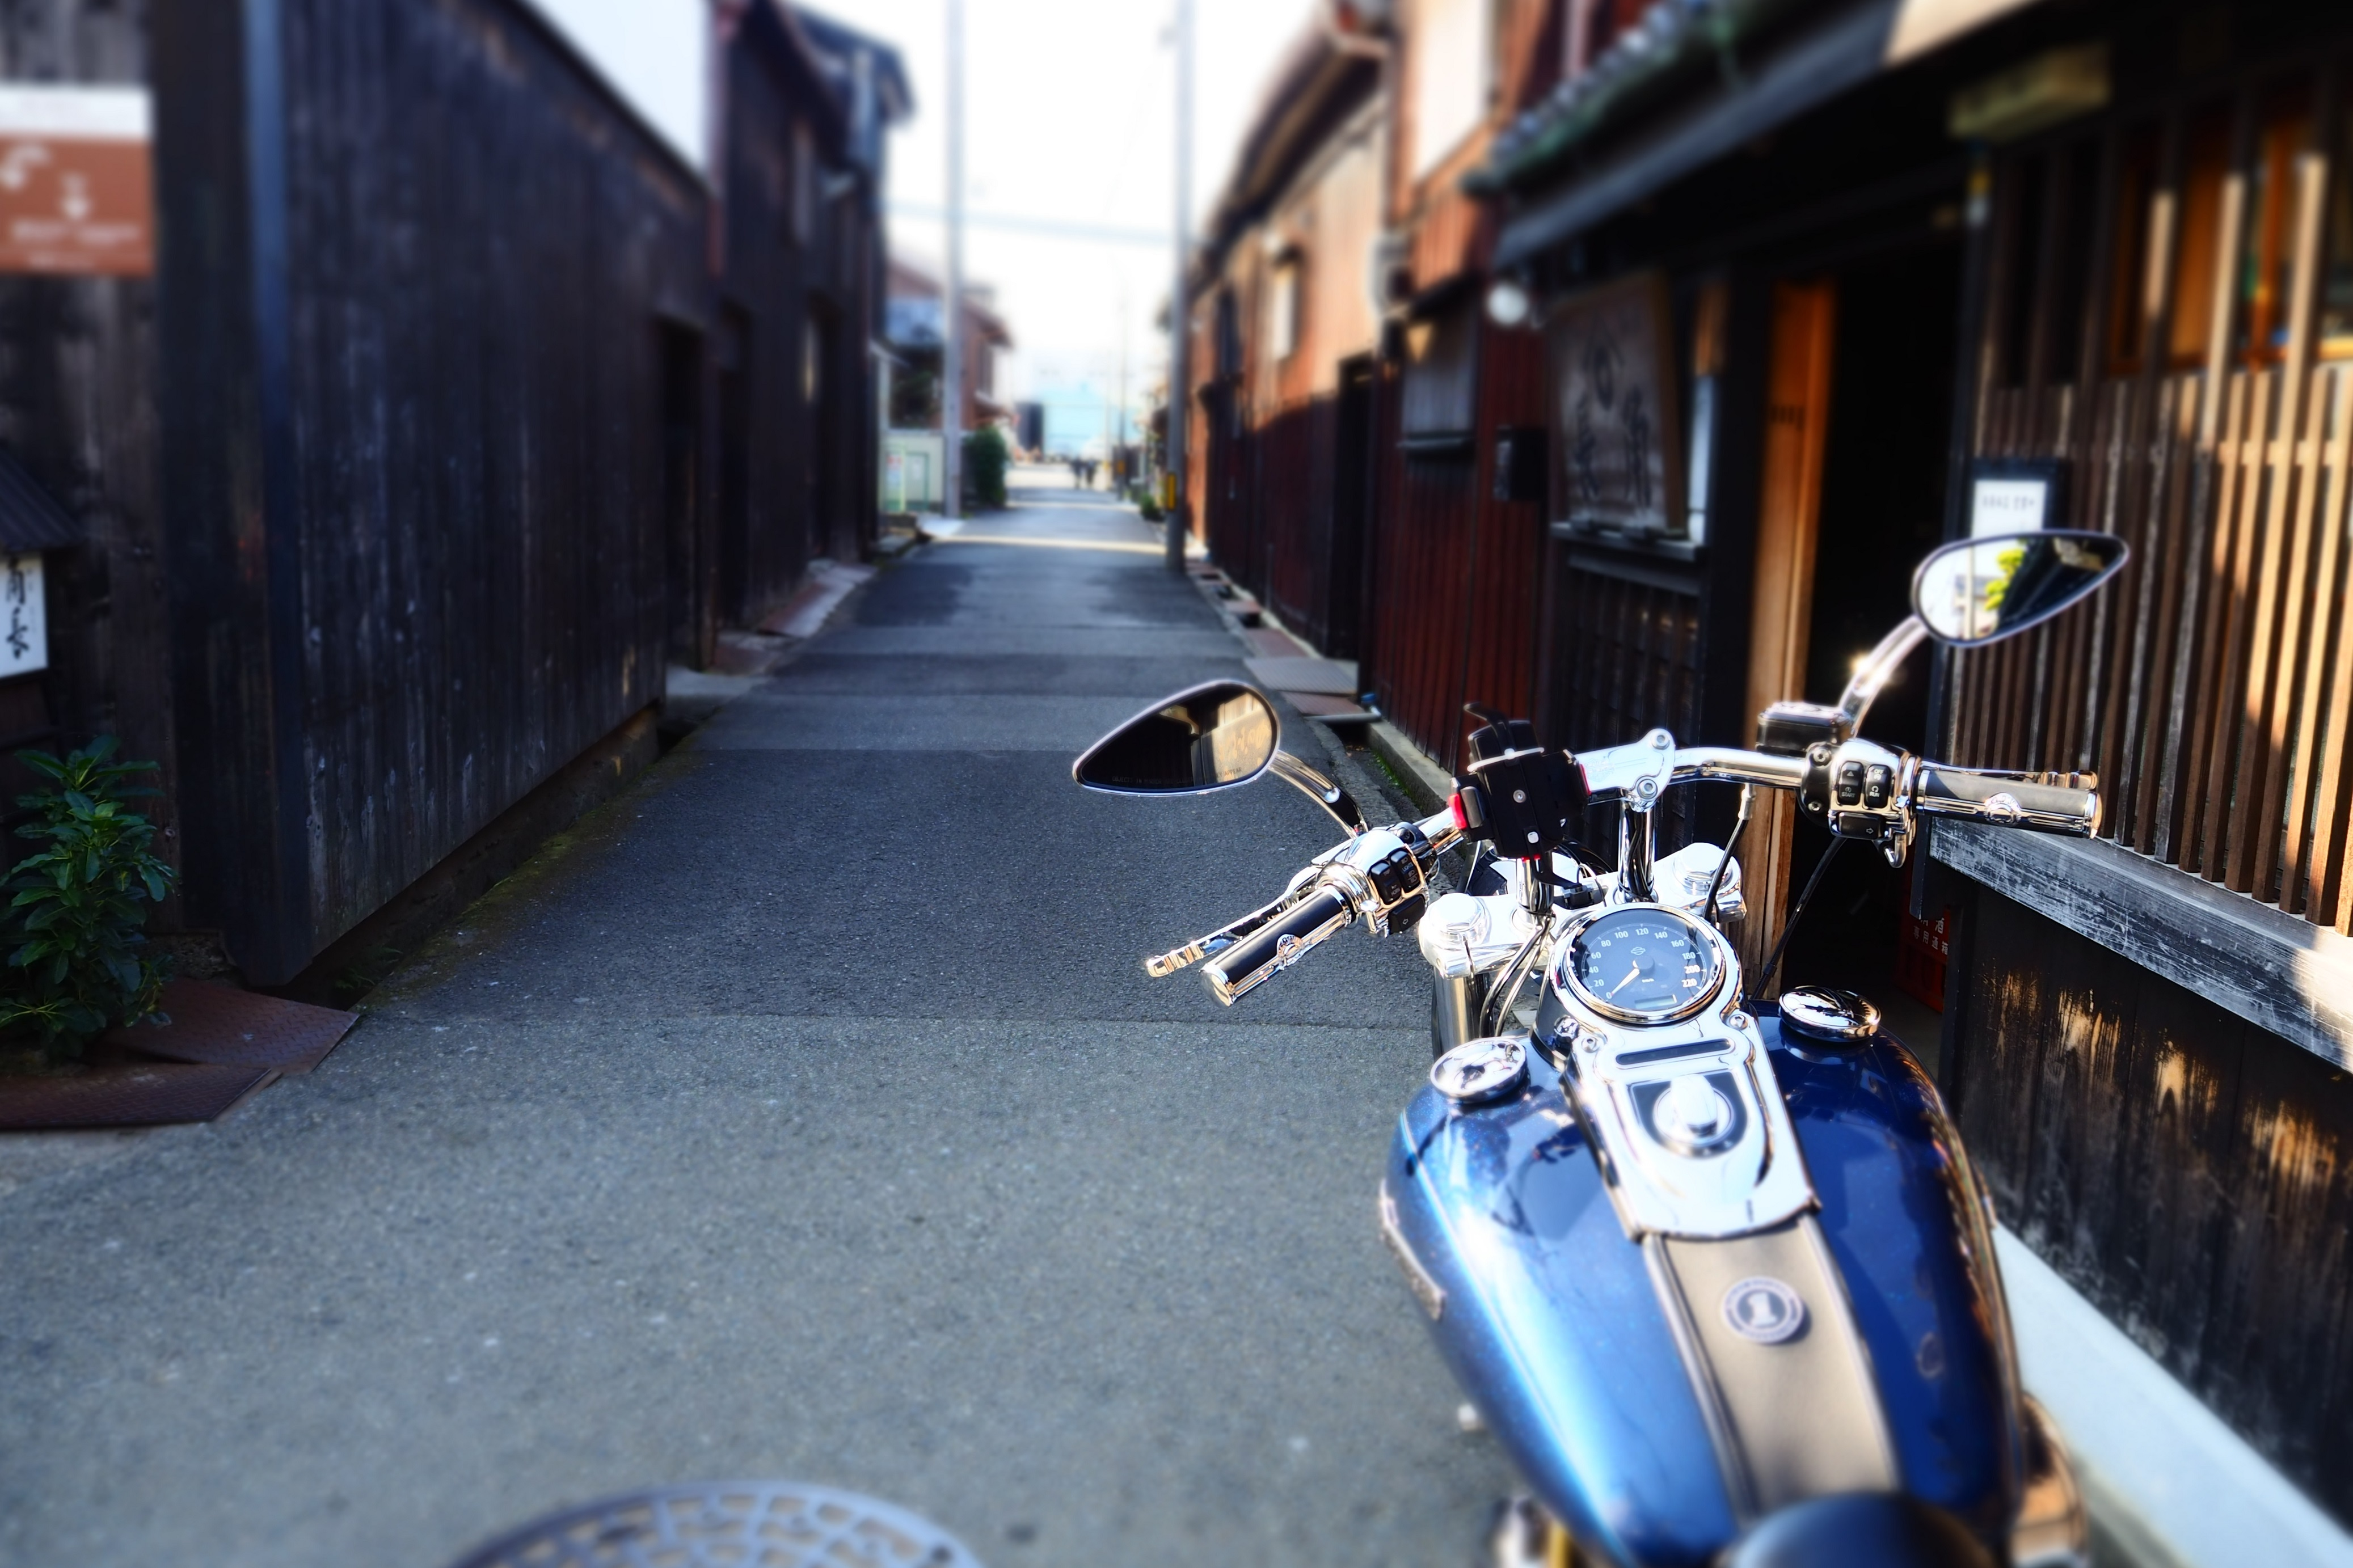 ぴーきち&ダイナ 和歌山湯浅ツーリング 湯浅町重要伝統的建造物群保存地区 角長 店舗 周辺